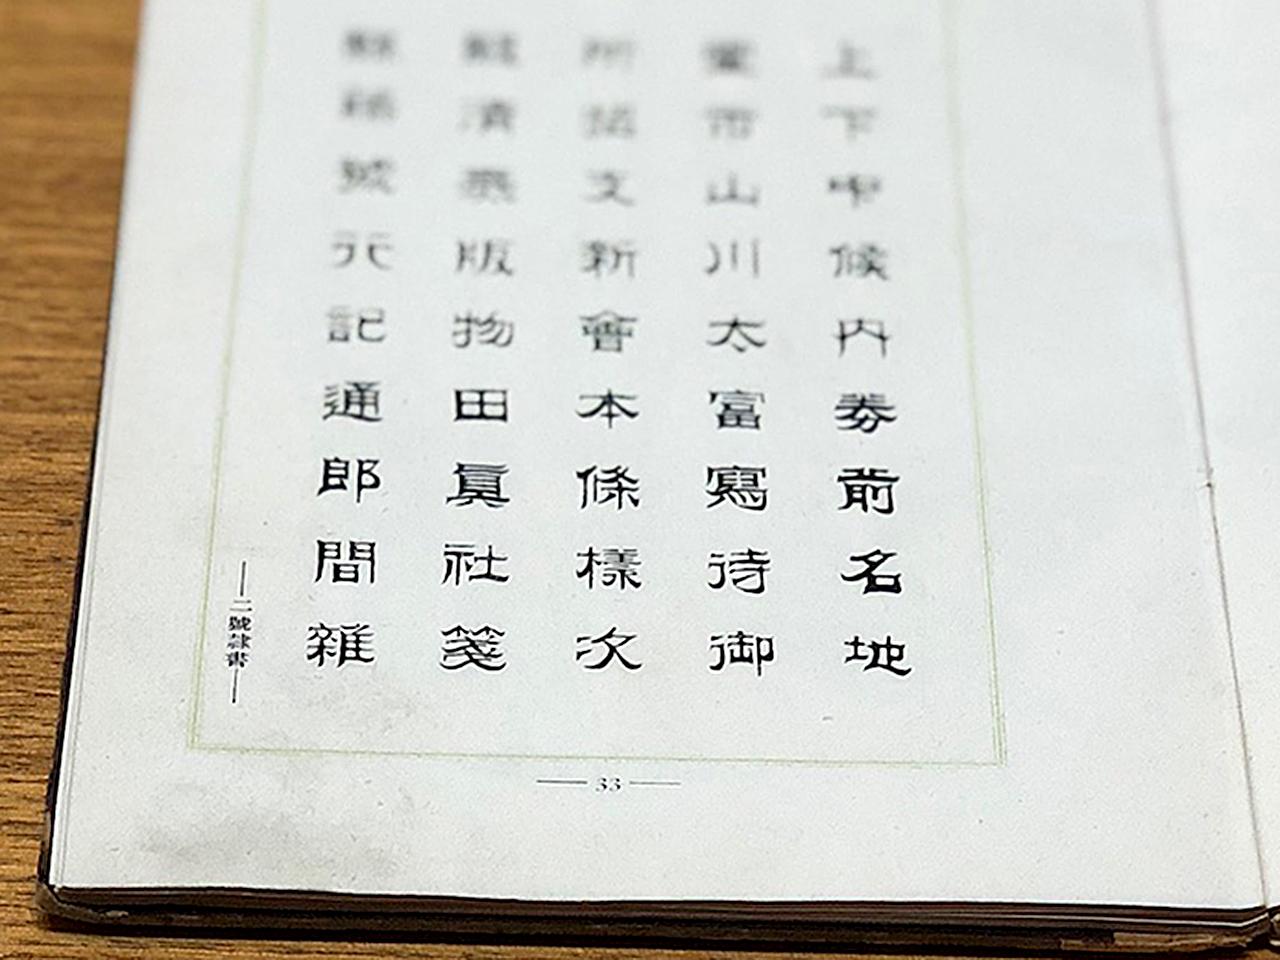 からふね屋1927年営業のしおり隷書体イメージ